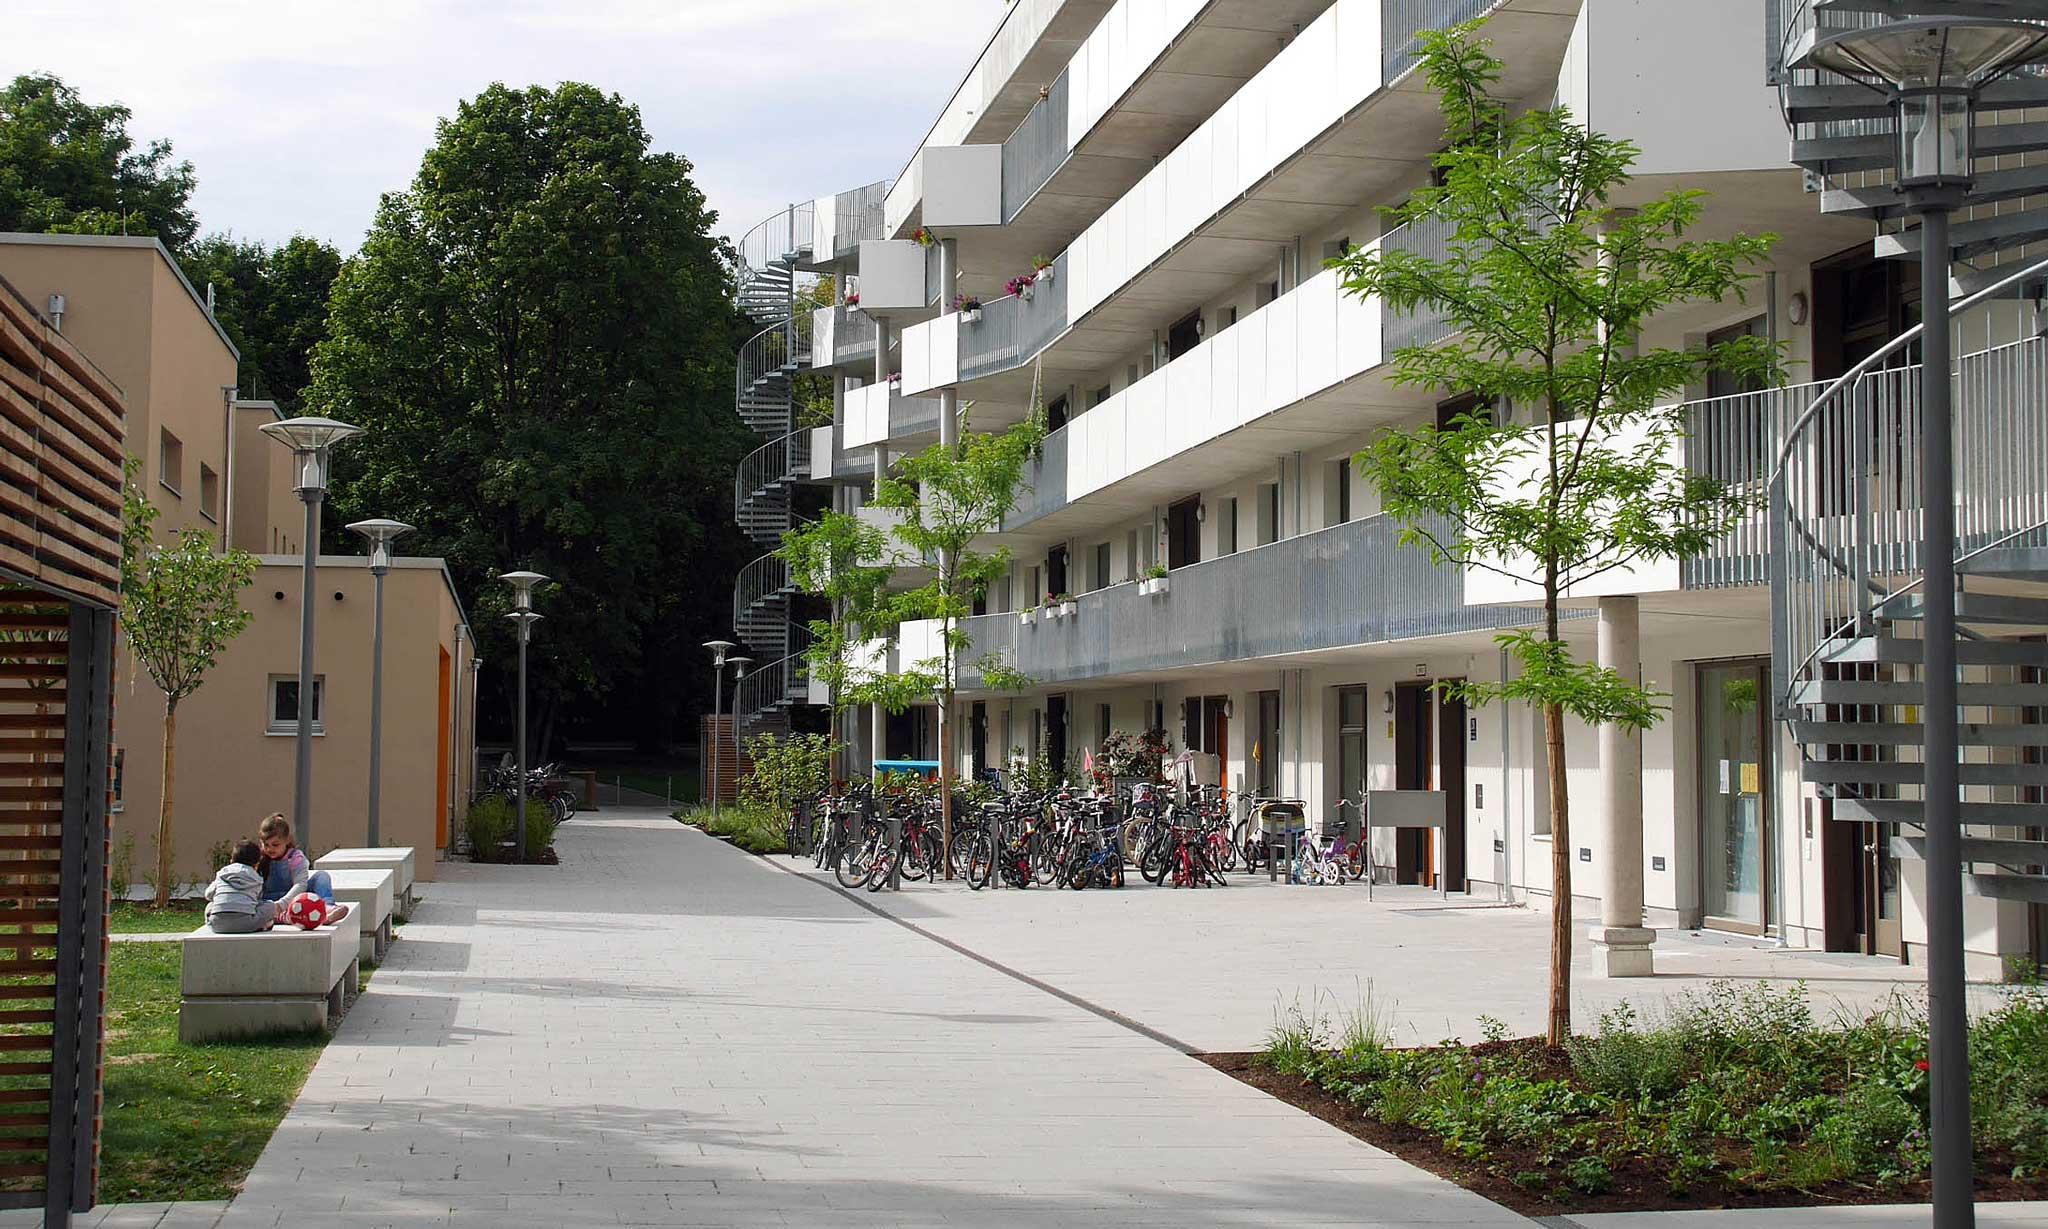 Wilhelmine-Lübke-Haus Landschaftsarchitektur Erschließung